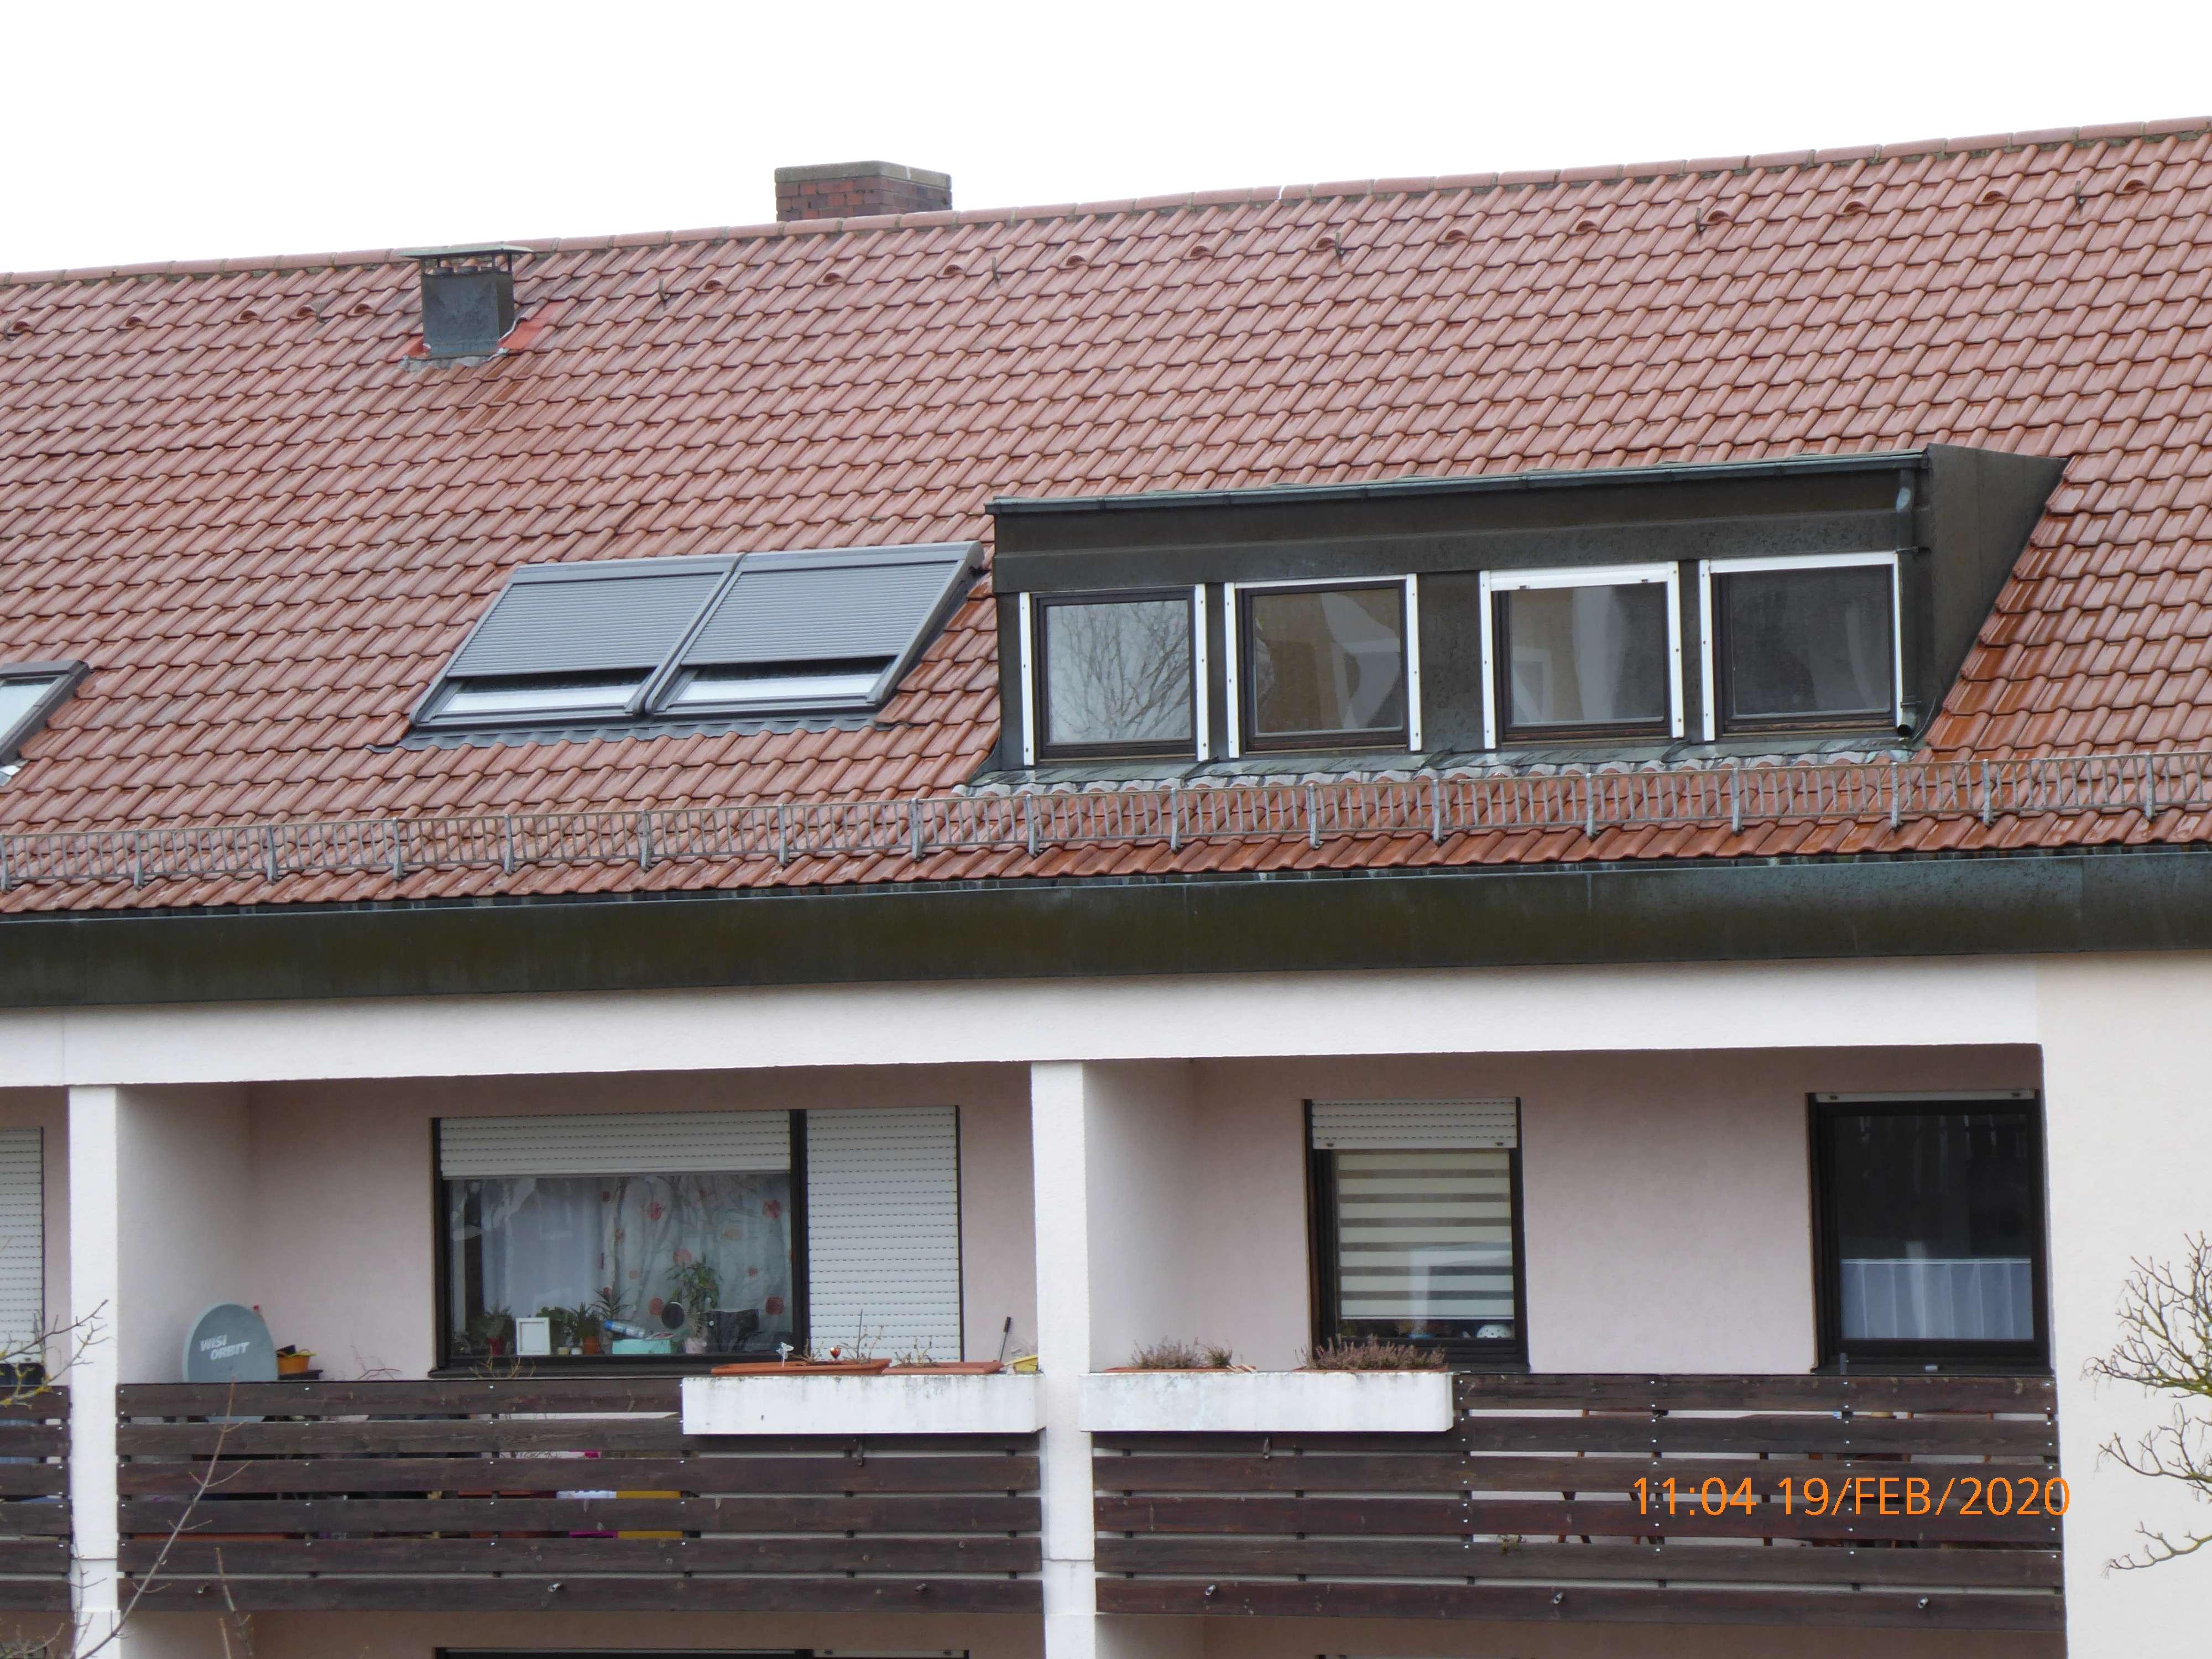 Große sonnige, renovierte, modernisierte 4-Zimmer-Dachgeschoß-Wohnung in